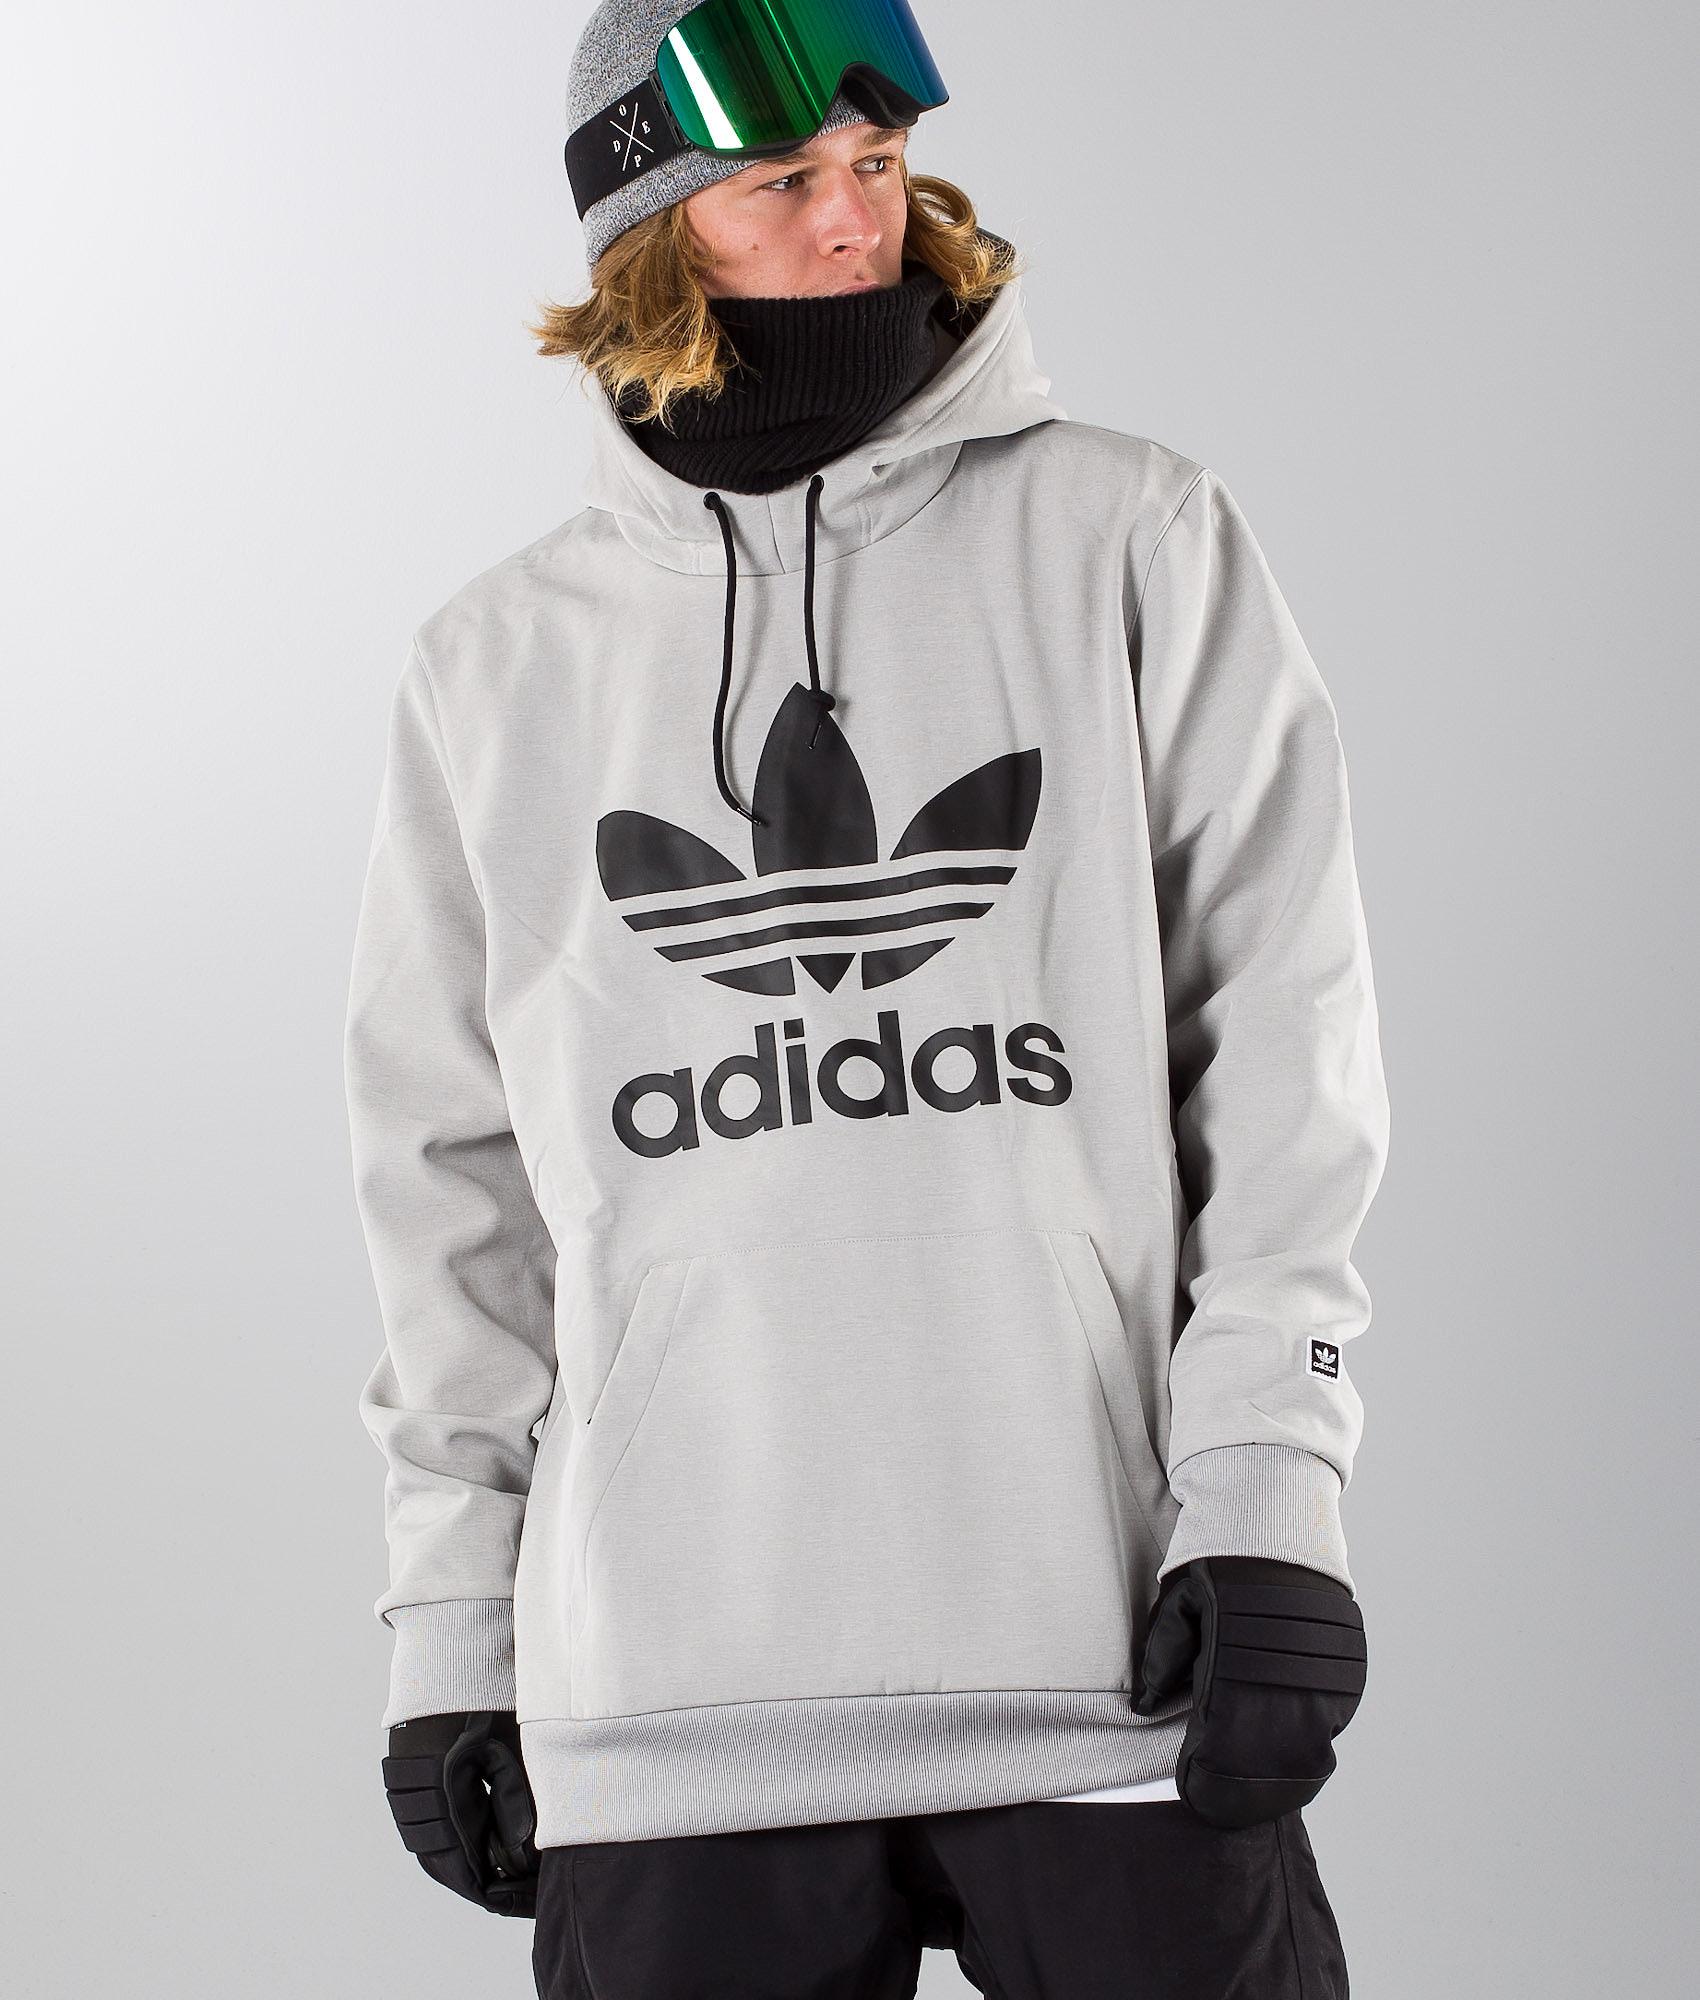 8ddd16010e56 Adidas Snowboarding Team Tech Snowboard Jacket Medium Grey Heather ...